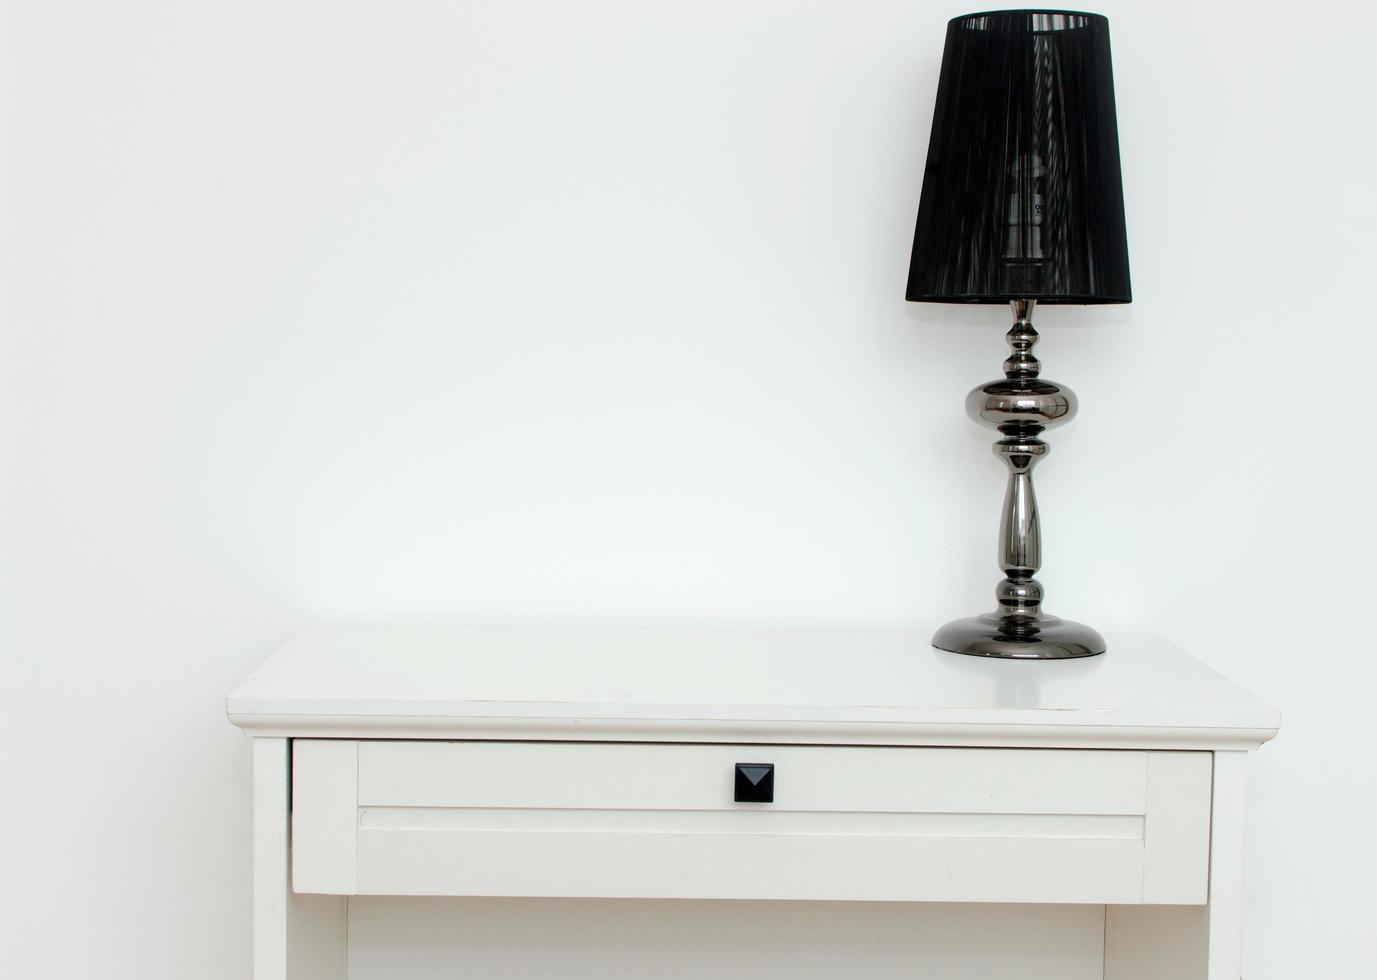 zwarte lamp op wit dressoir foto